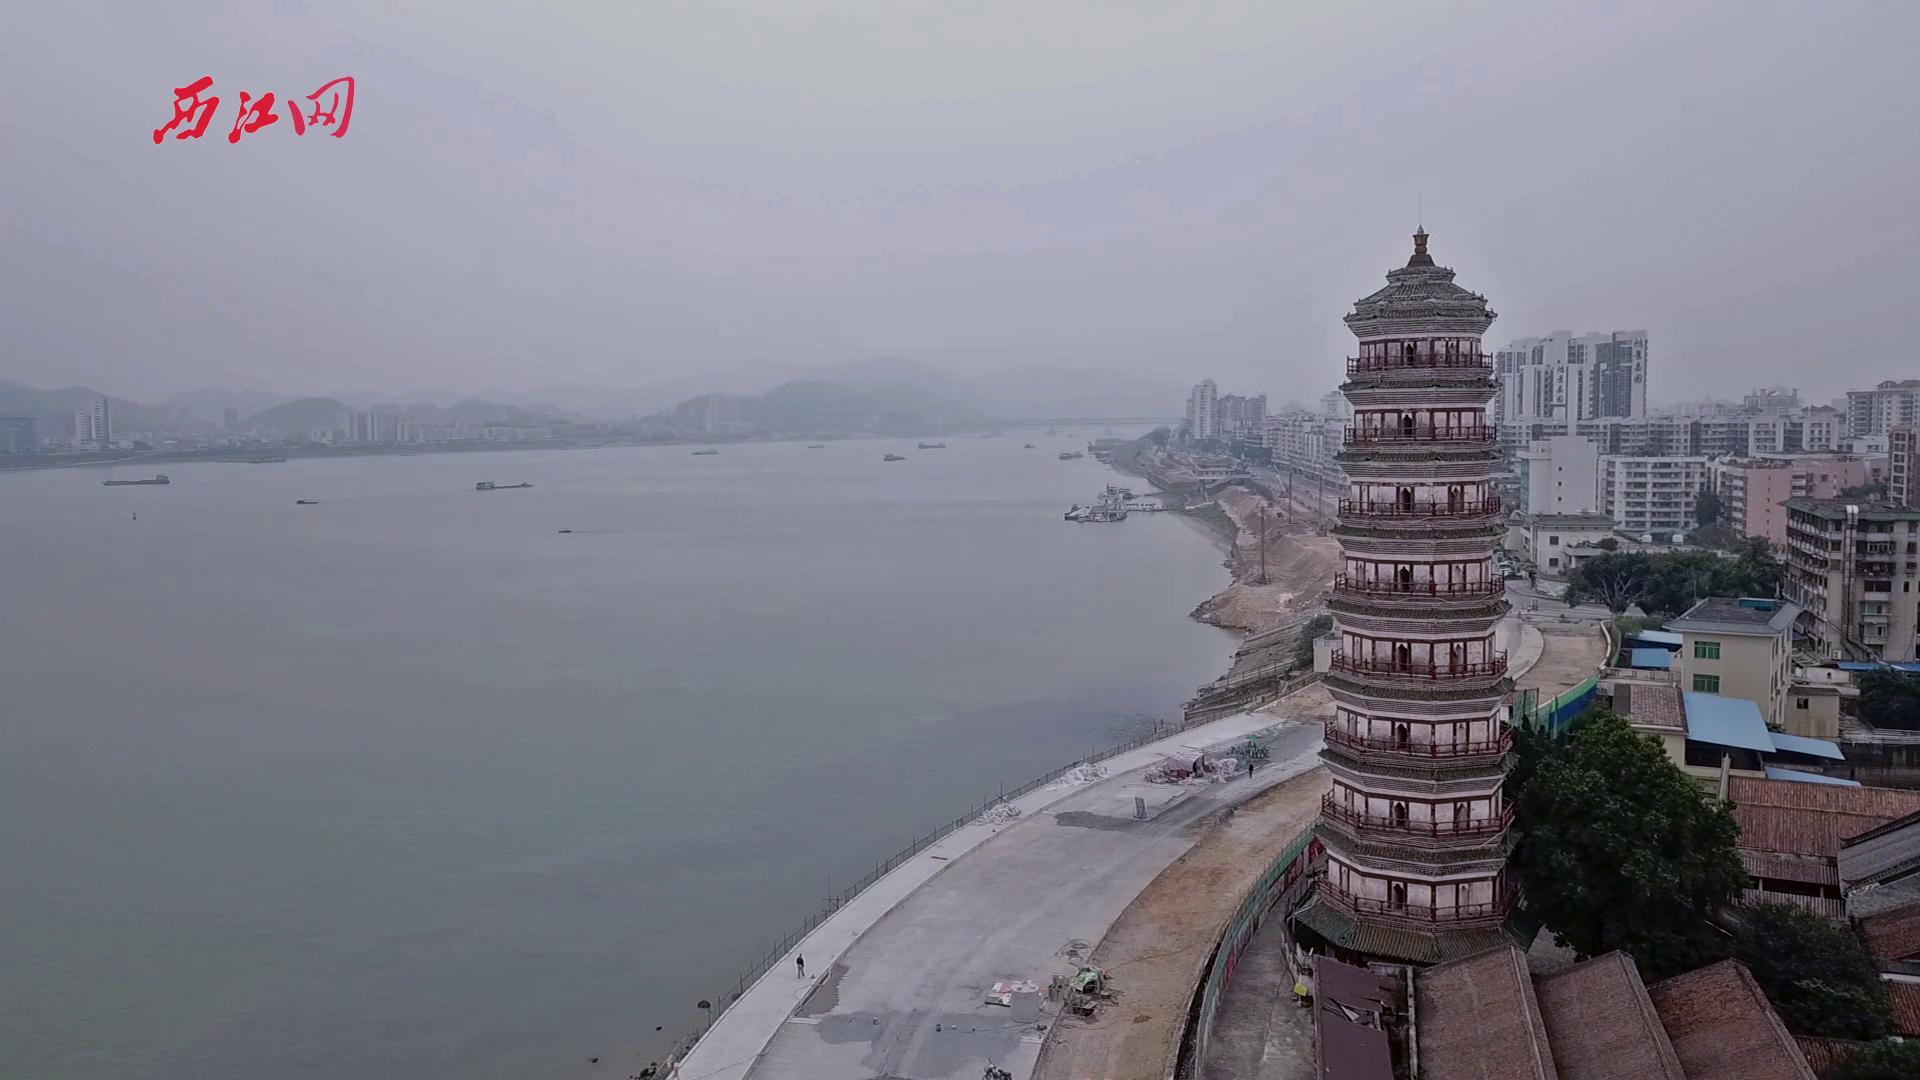 景福围江滨堤路升级改造工程航拍